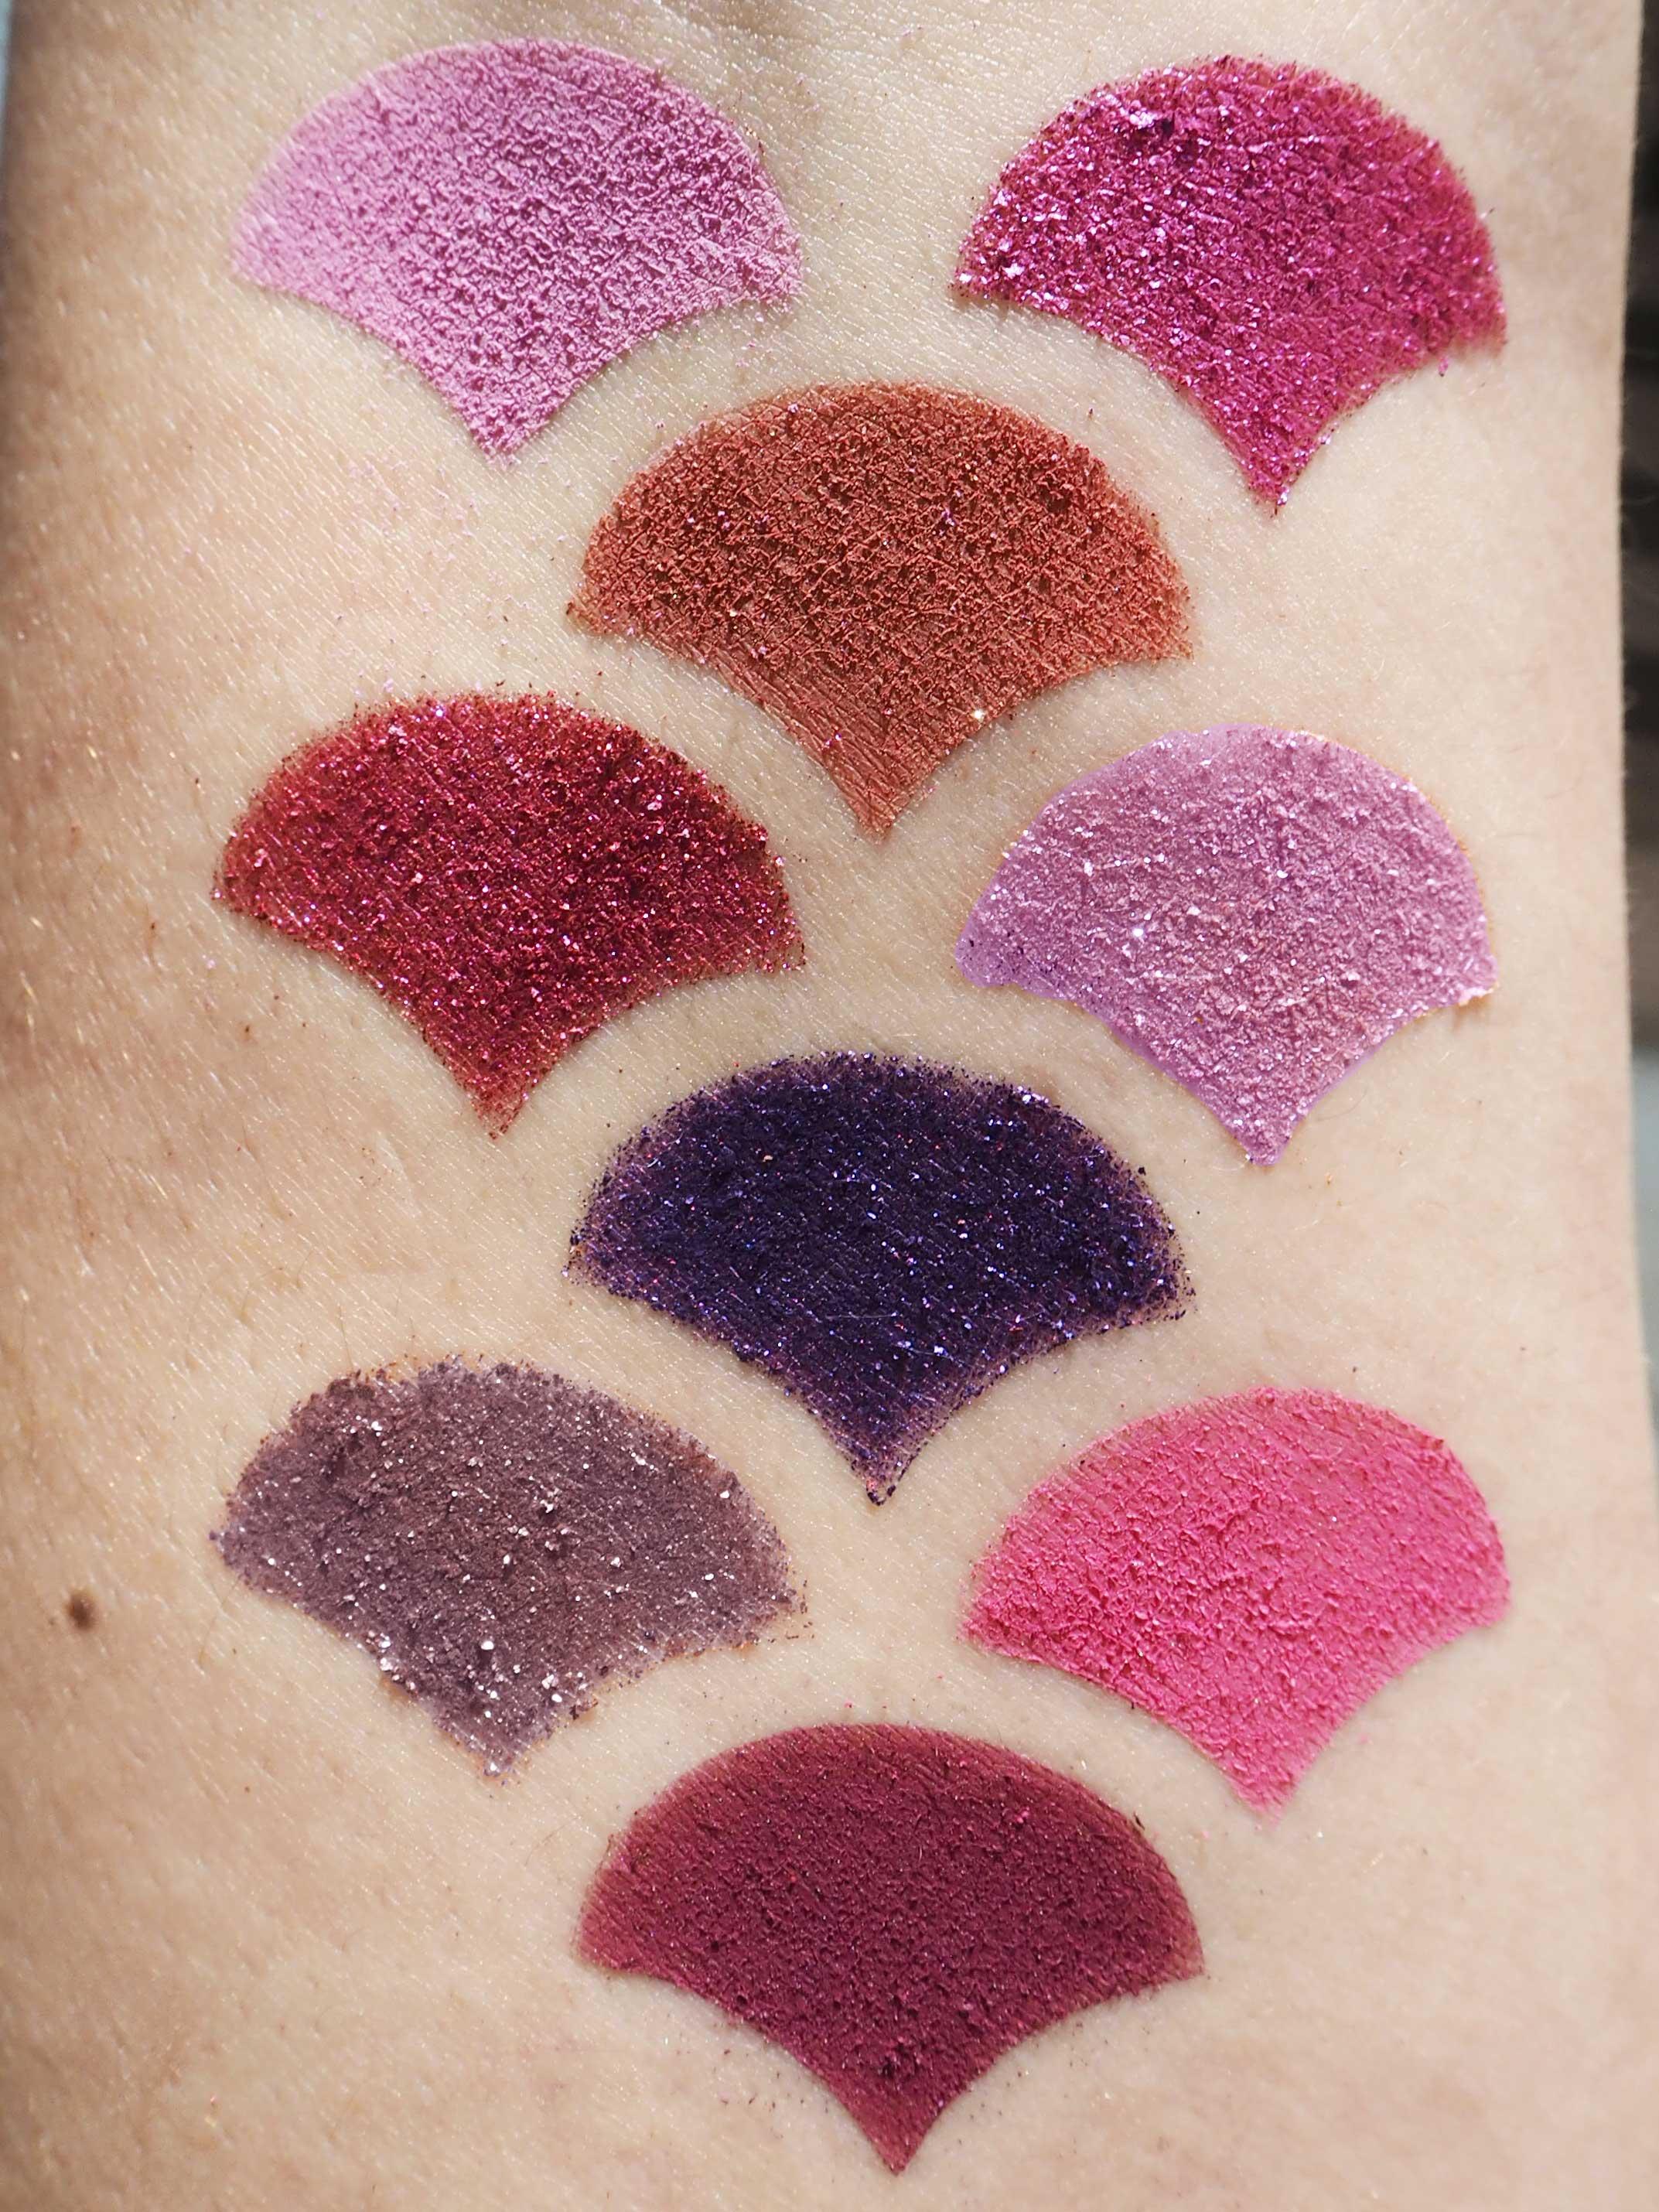 Colourpop It's My Pleasure palette swatches